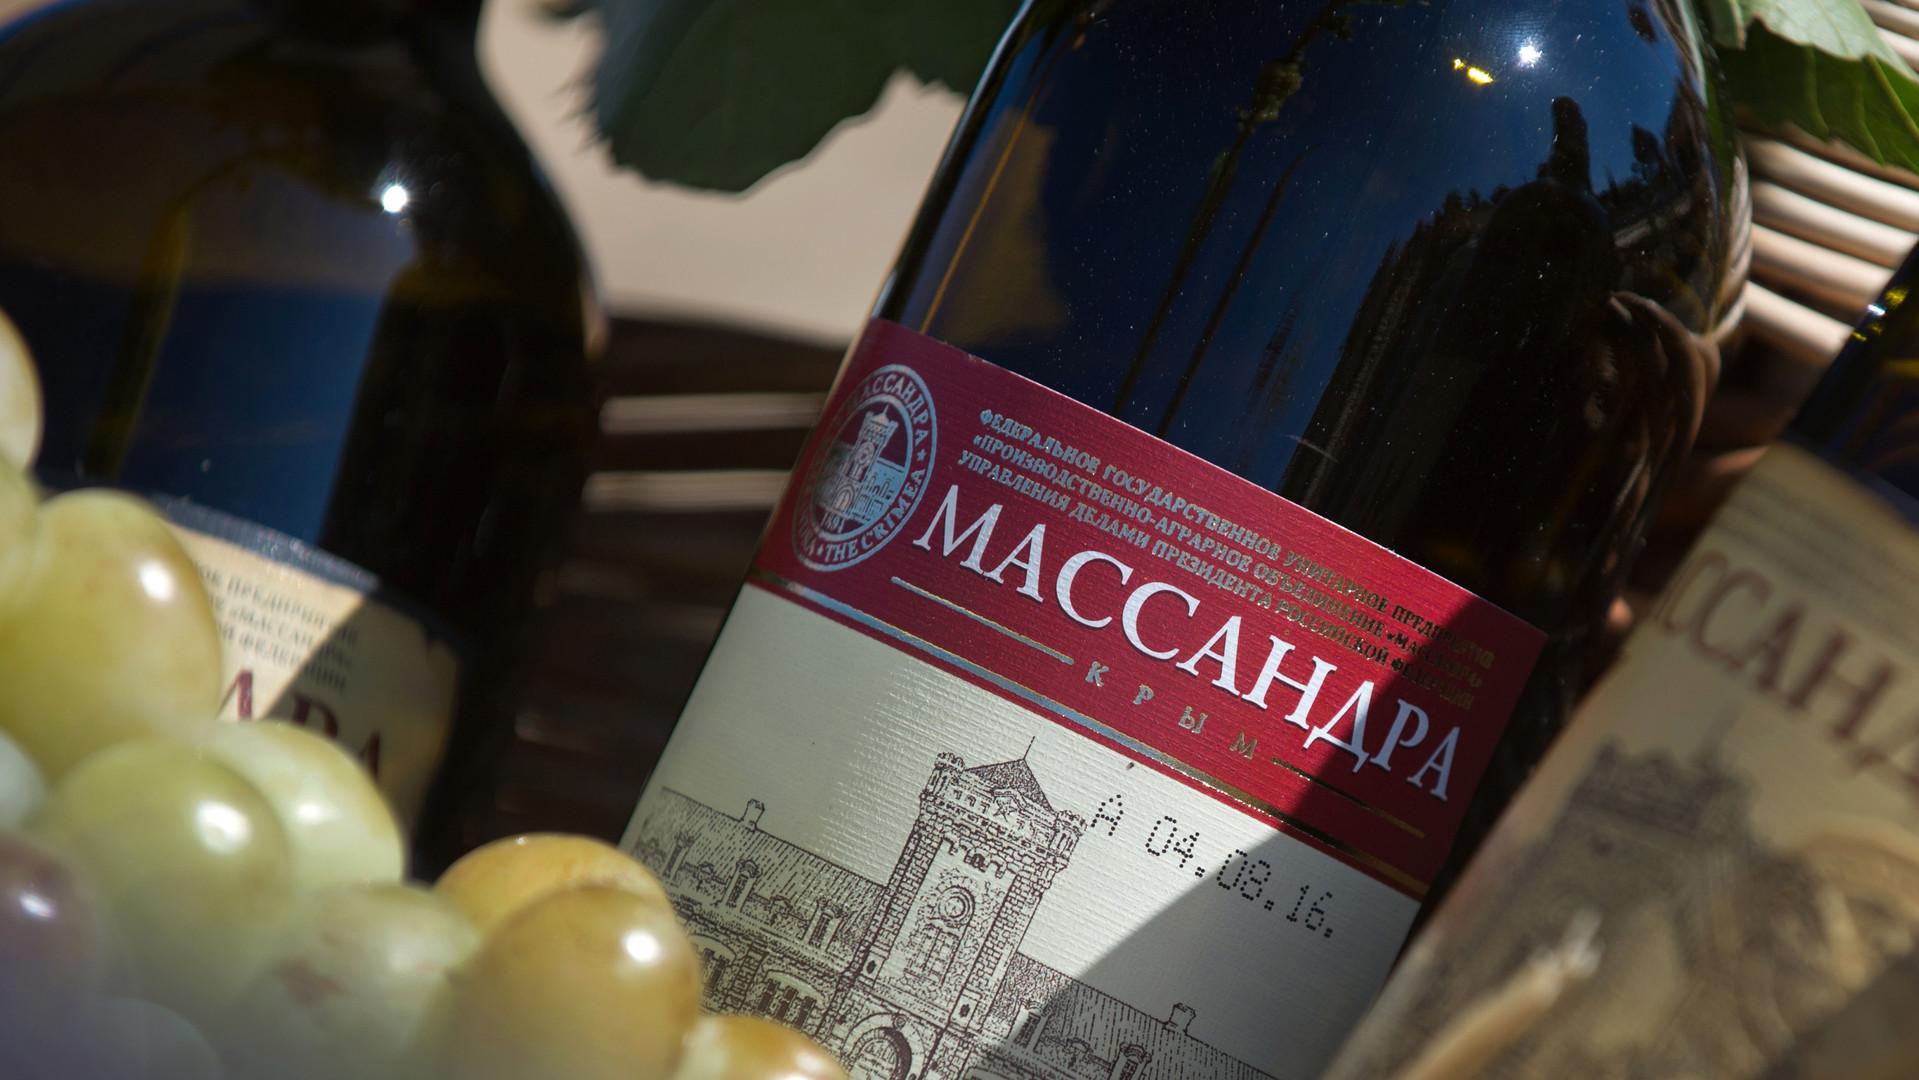 Итальянцы хотят сделать эксклюзивное вино совместно с крымчанами